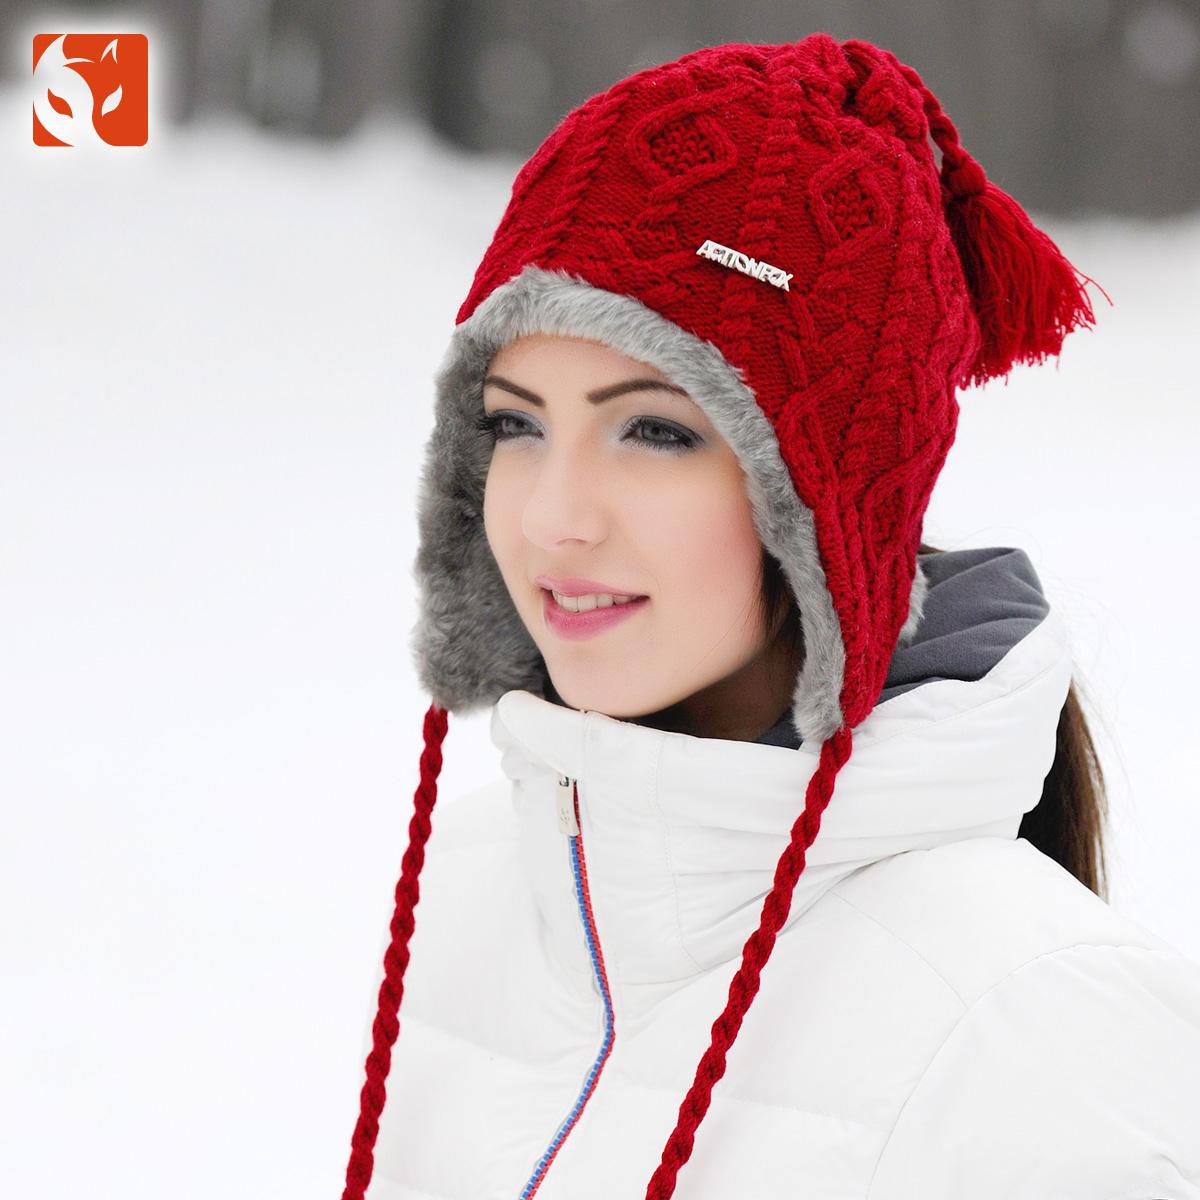 快乐狐狸帽子女冬季韩版潮针织毛线帽冬天双层加厚护耳帽0630